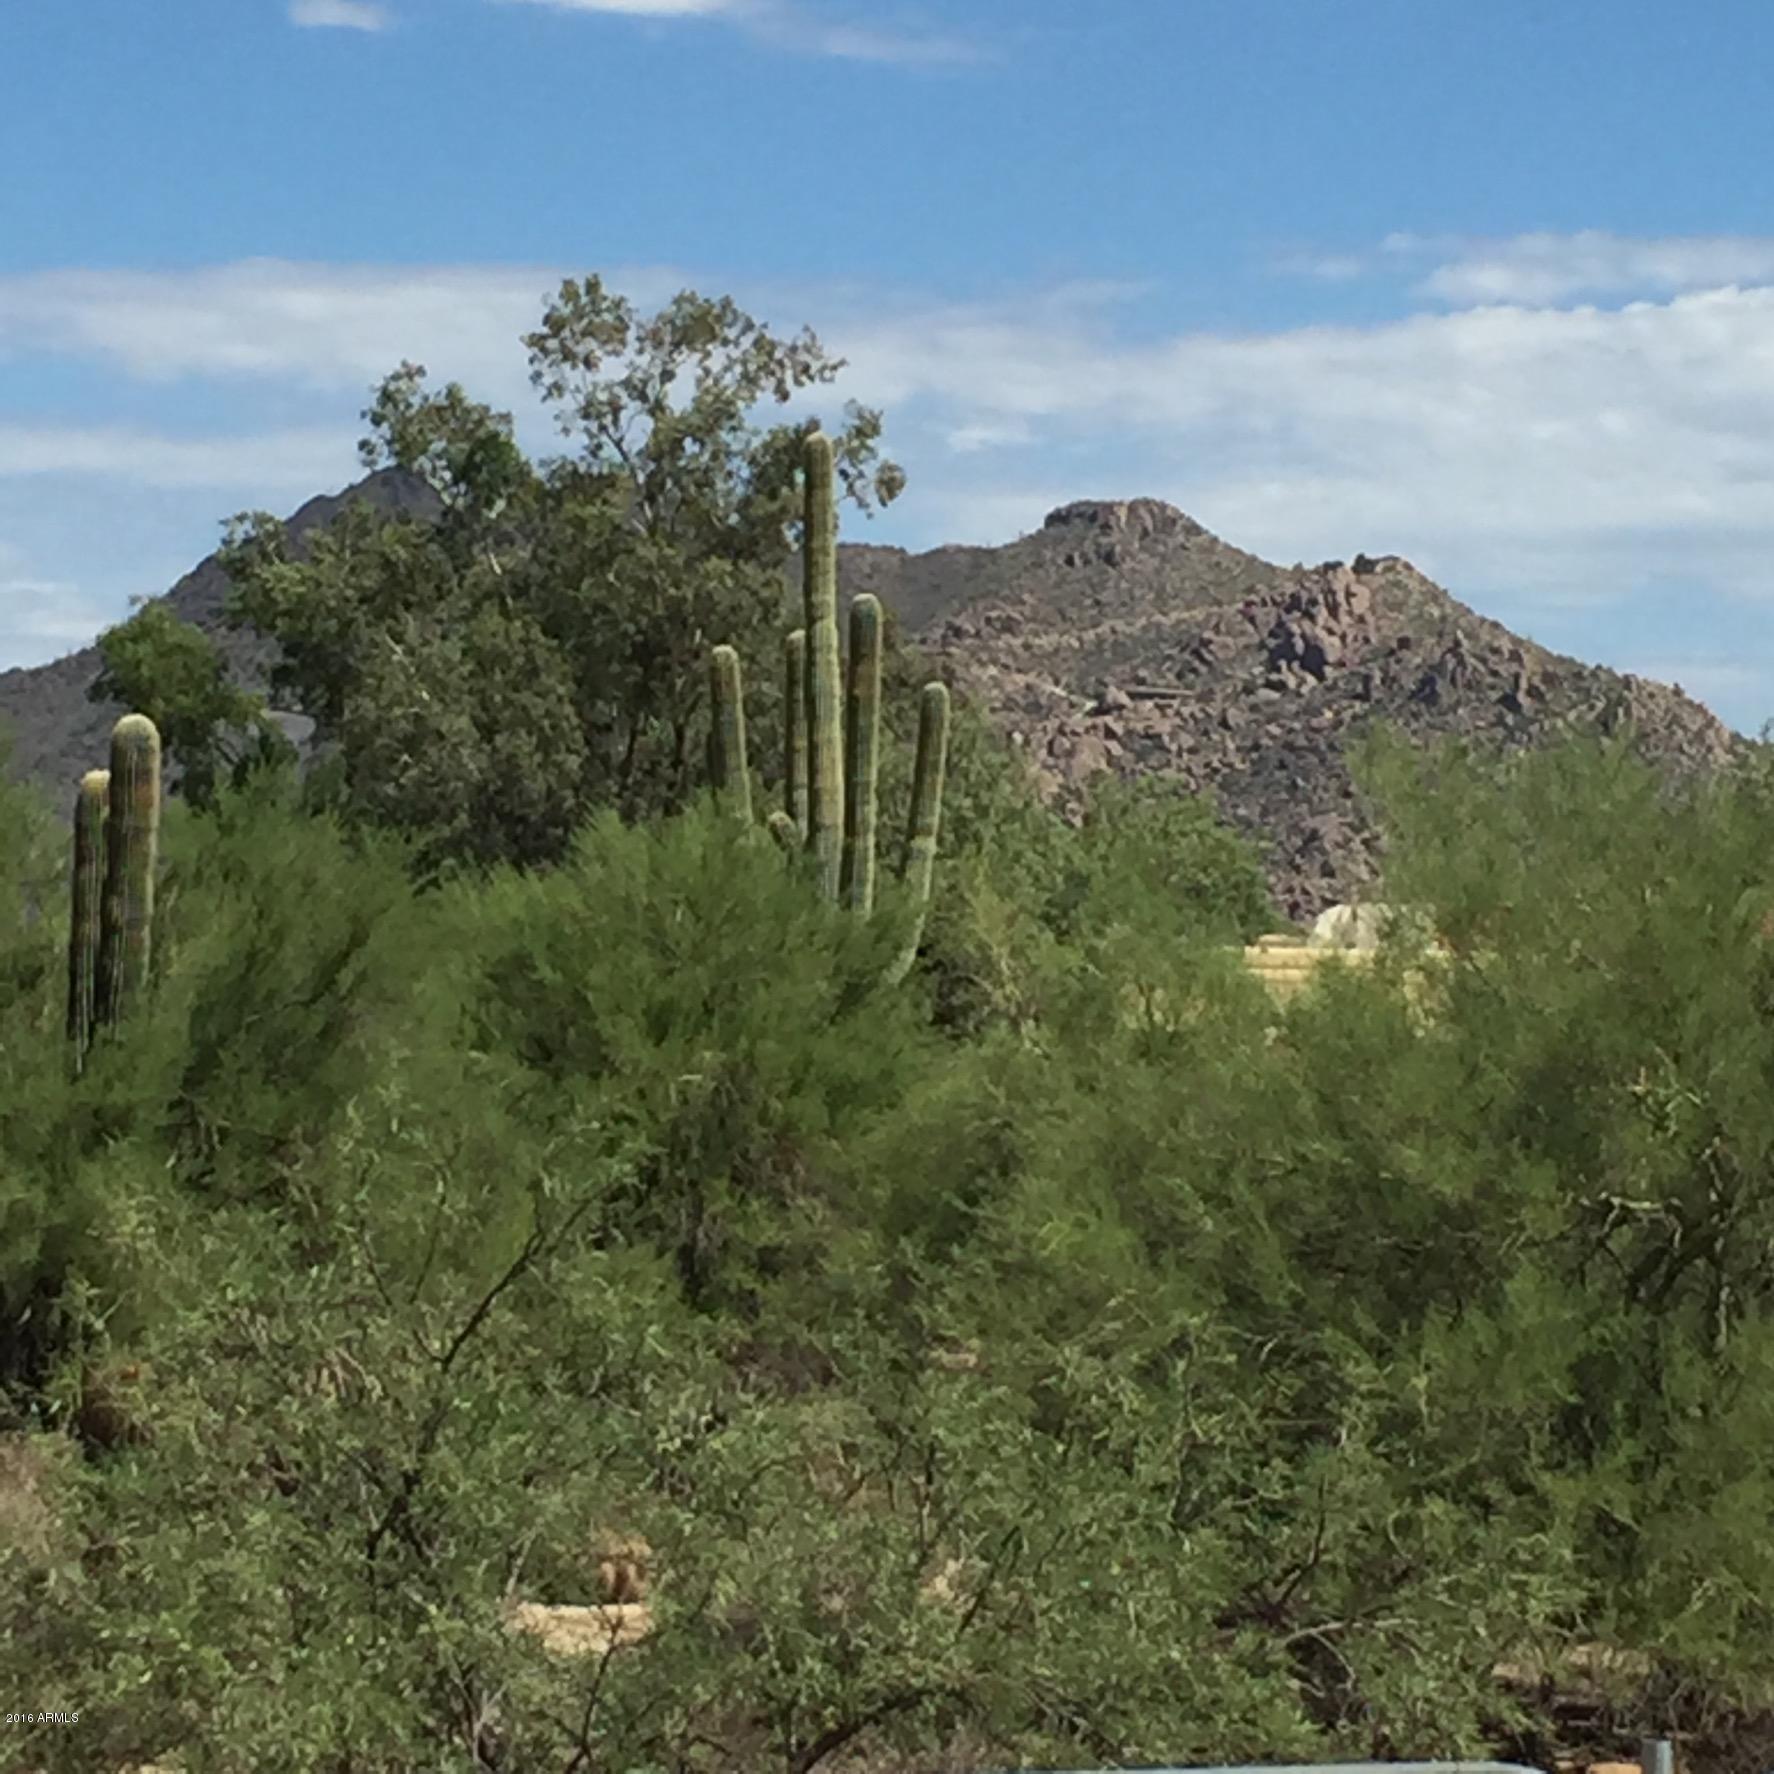 MLS 5537219 32593 N 67TH Street, Cave Creek, AZ 85331 Cave Creek AZ Newly Built